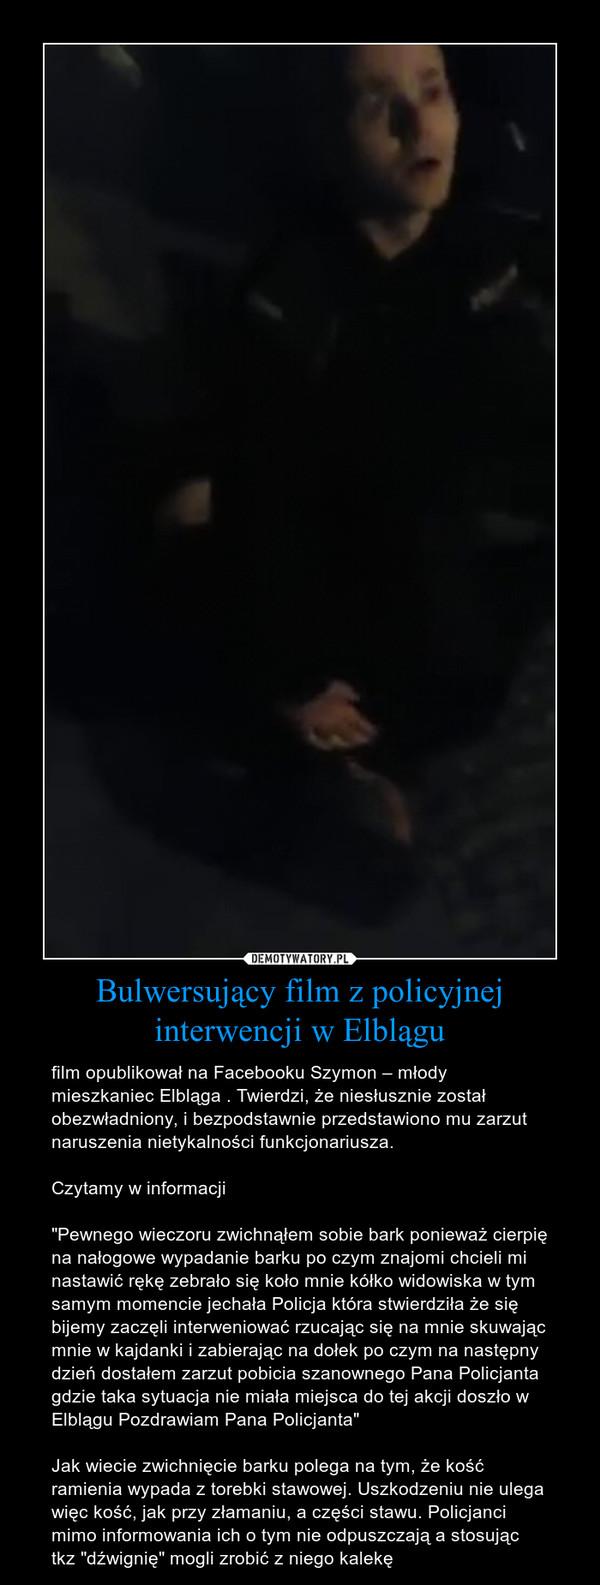 """Bulwersujący film z policyjnej interwencji w Elblągu – film opublikował na Facebooku Szymon – młody mieszkaniec Elbląga . Twierdzi, że niesłusznie został obezwładniony, i bezpodstawnie przedstawiono mu zarzut naruszenia nietykalności funkcjonariusza.Czytamy w informacji""""Pewnego wieczoru zwichnąłem sobie bark ponieważ cierpię na nałogowe wypadanie barku po czym znajomi chcieli mi nastawić rękę zebrało się koło mnie kółko widowiska w tym samym momencie jechała Policja która stwierdziła że się bijemy zaczęli interweniować rzucając się na mnie skuwając mnie w kajdanki i zabierając na dołek po czym na następny dzień dostałem zarzut pobicia szanownego Pana Policjanta gdzie taka sytuacja nie miała miejsca do tej akcji doszło w Elblągu Pozdrawiam Pana Policjanta""""Jak wiecie zwichnięcie barku polega na tym, że kość ramienia wypada z torebki stawowej. Uszkodzeniu nie ulega więc kość, jak przy złamaniu, a części stawu. Policjanci mimo informowania ich o tym nie odpuszczają a stosując tkz """"dźwignię"""" mogli zrobić z niego kalekę"""